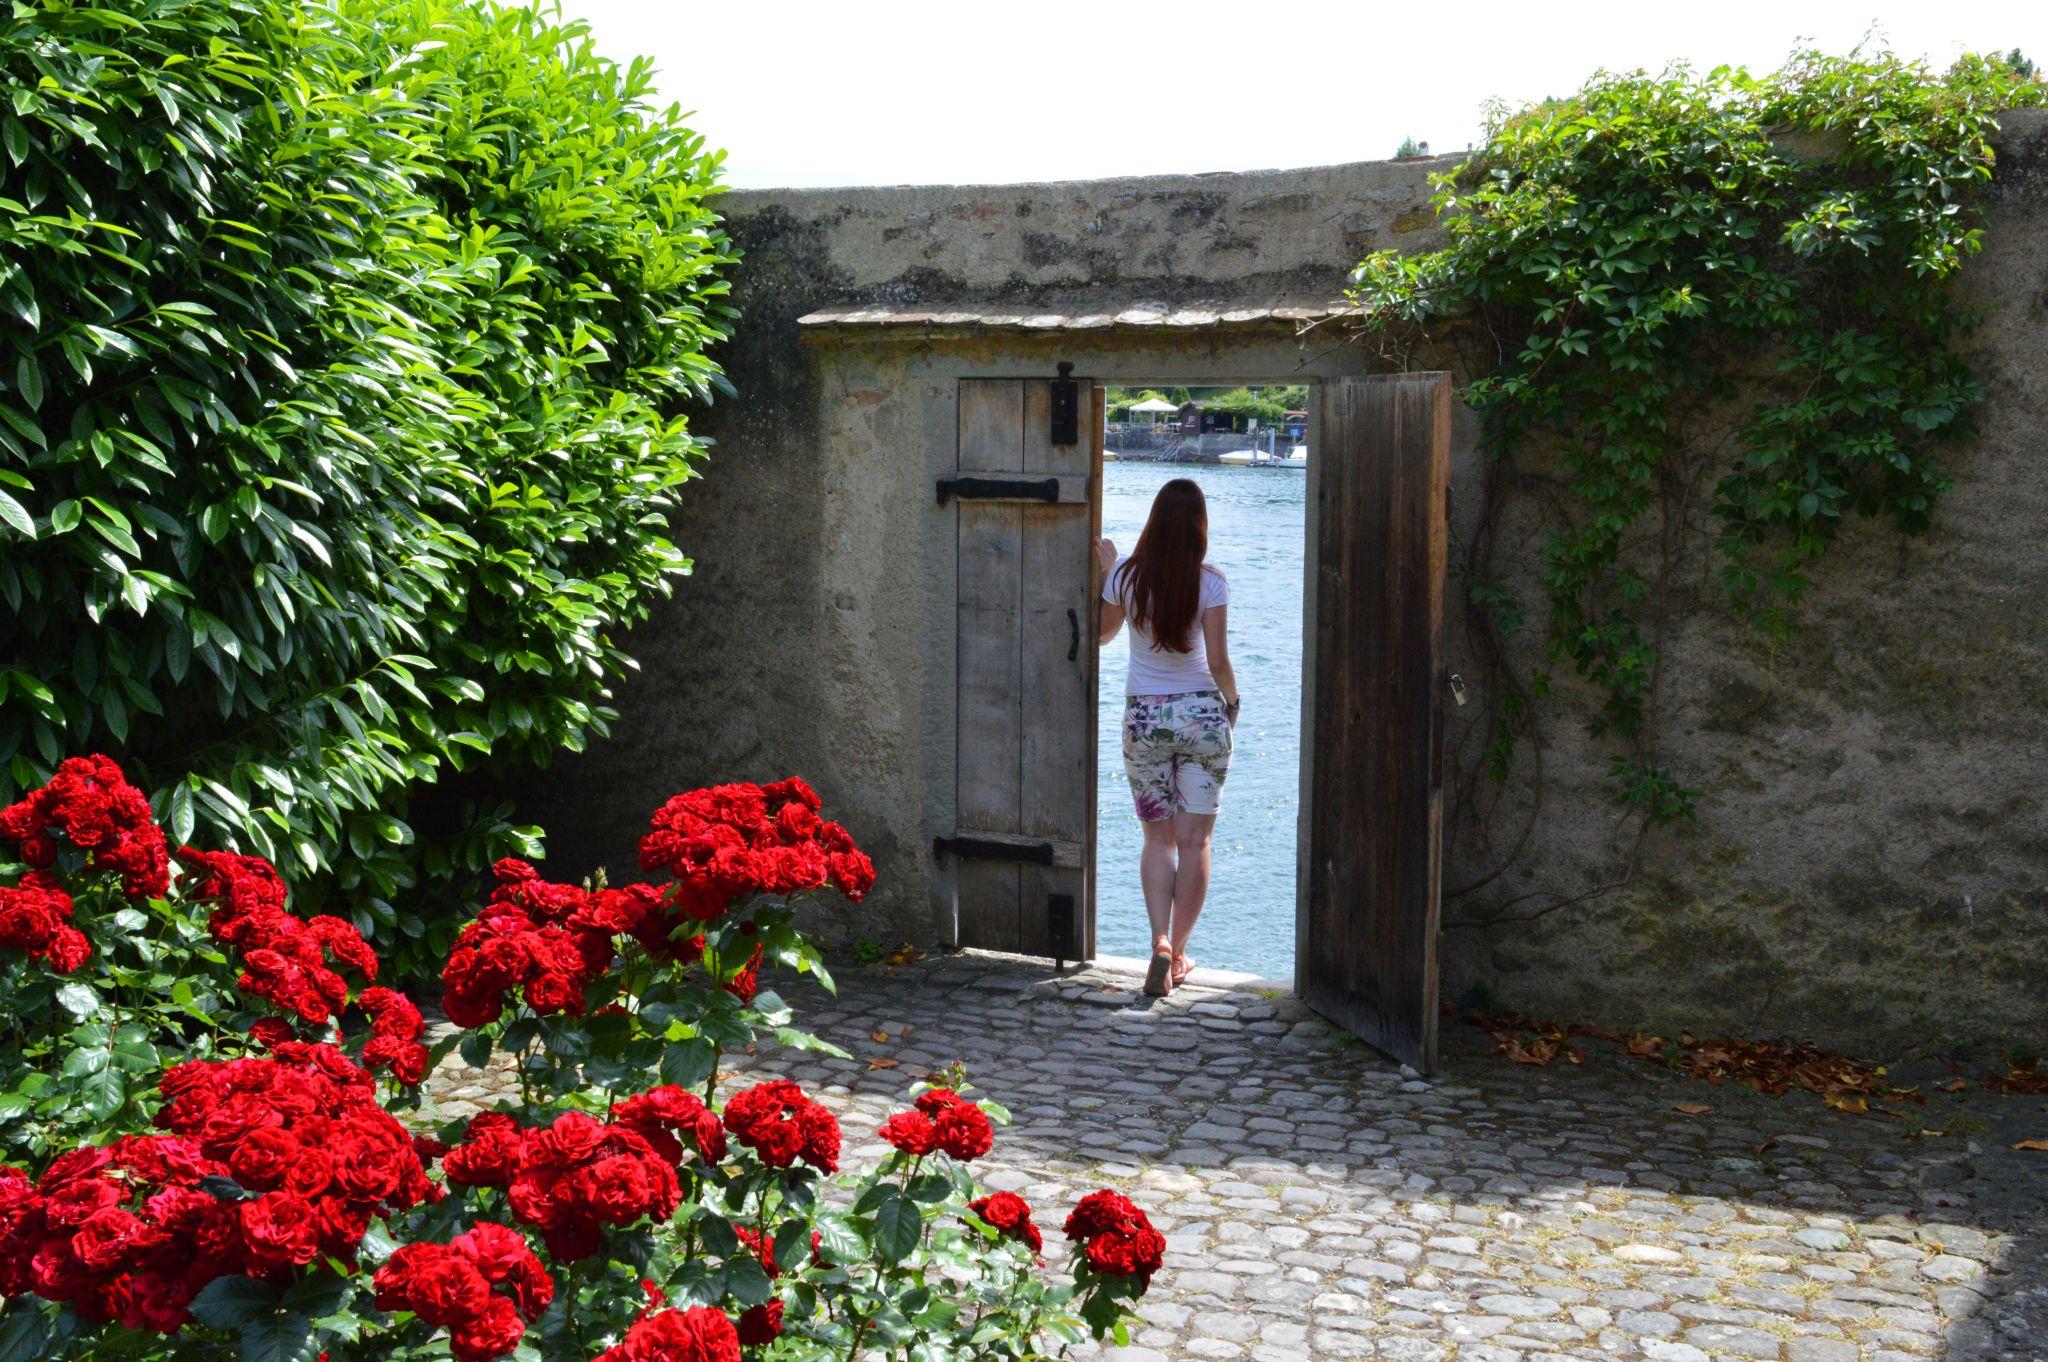 A door to the river in Stein am Rhein, Switzerland